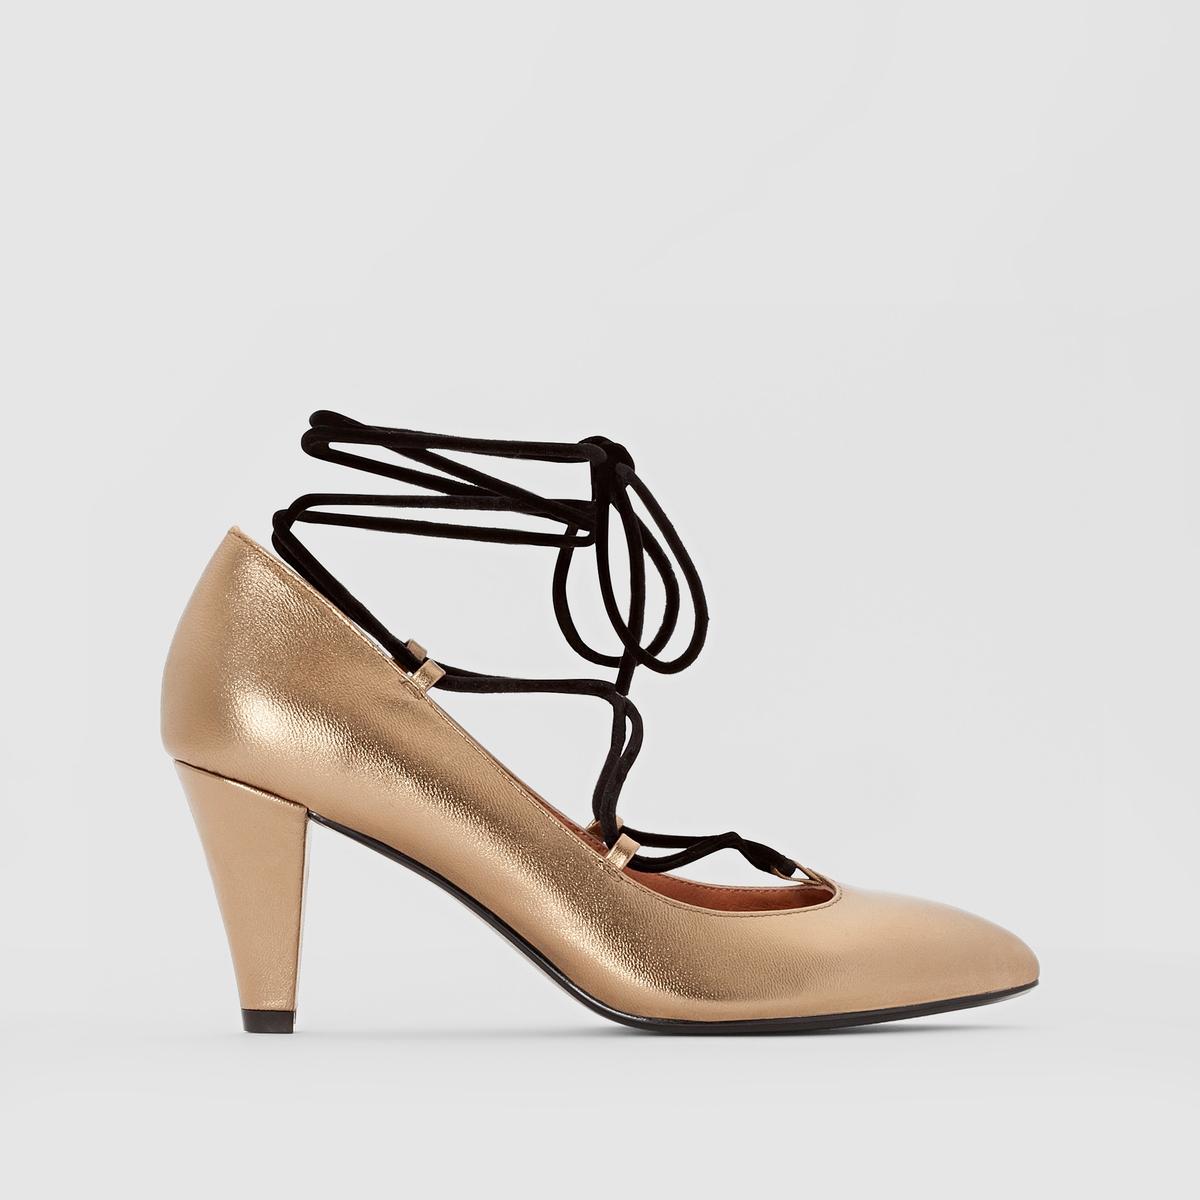 Туфли на шнуровкеПодкладка : кожа                     Стелька : кожа                     Подошва : эластомер                     Высота каблука : 8 см                     Форма каблука : высокий каблук                     Мысок : заостренный мысок                     Застежка : шнуровка<br><br>Цвет: бронзовый<br>Размер: 41.40.36